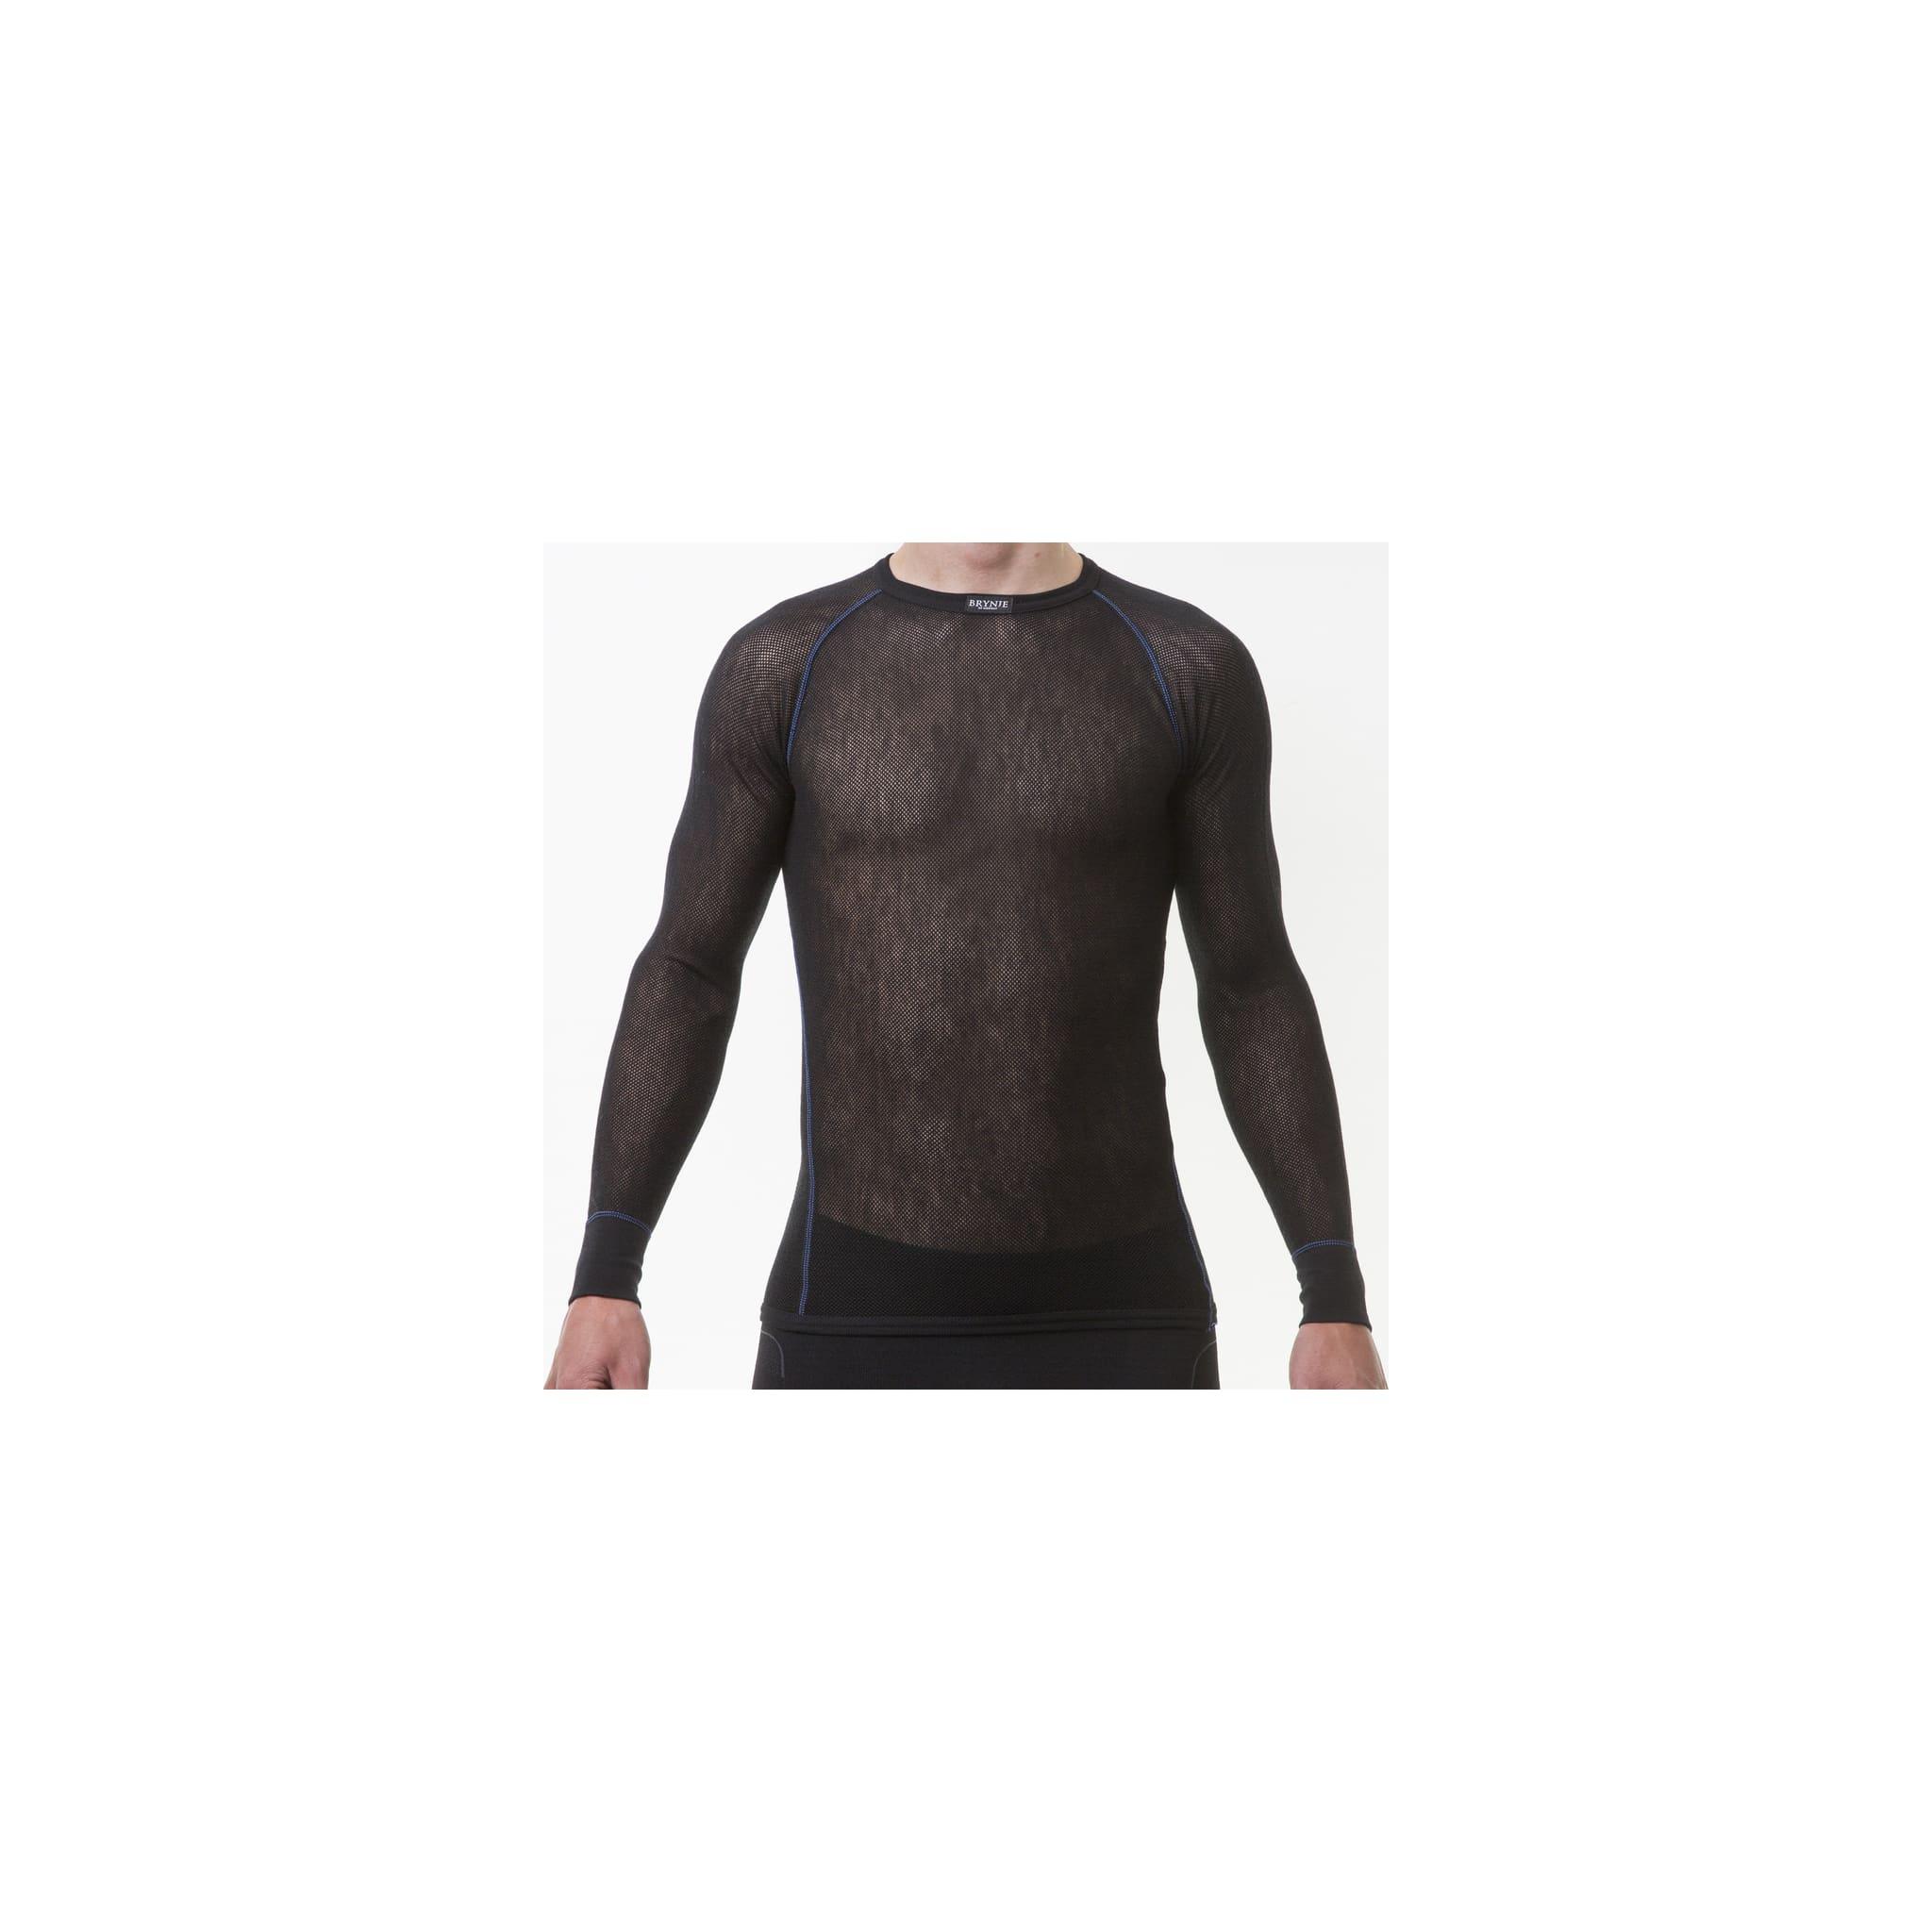 Langermet nettingskjorte laget av fin merinoull